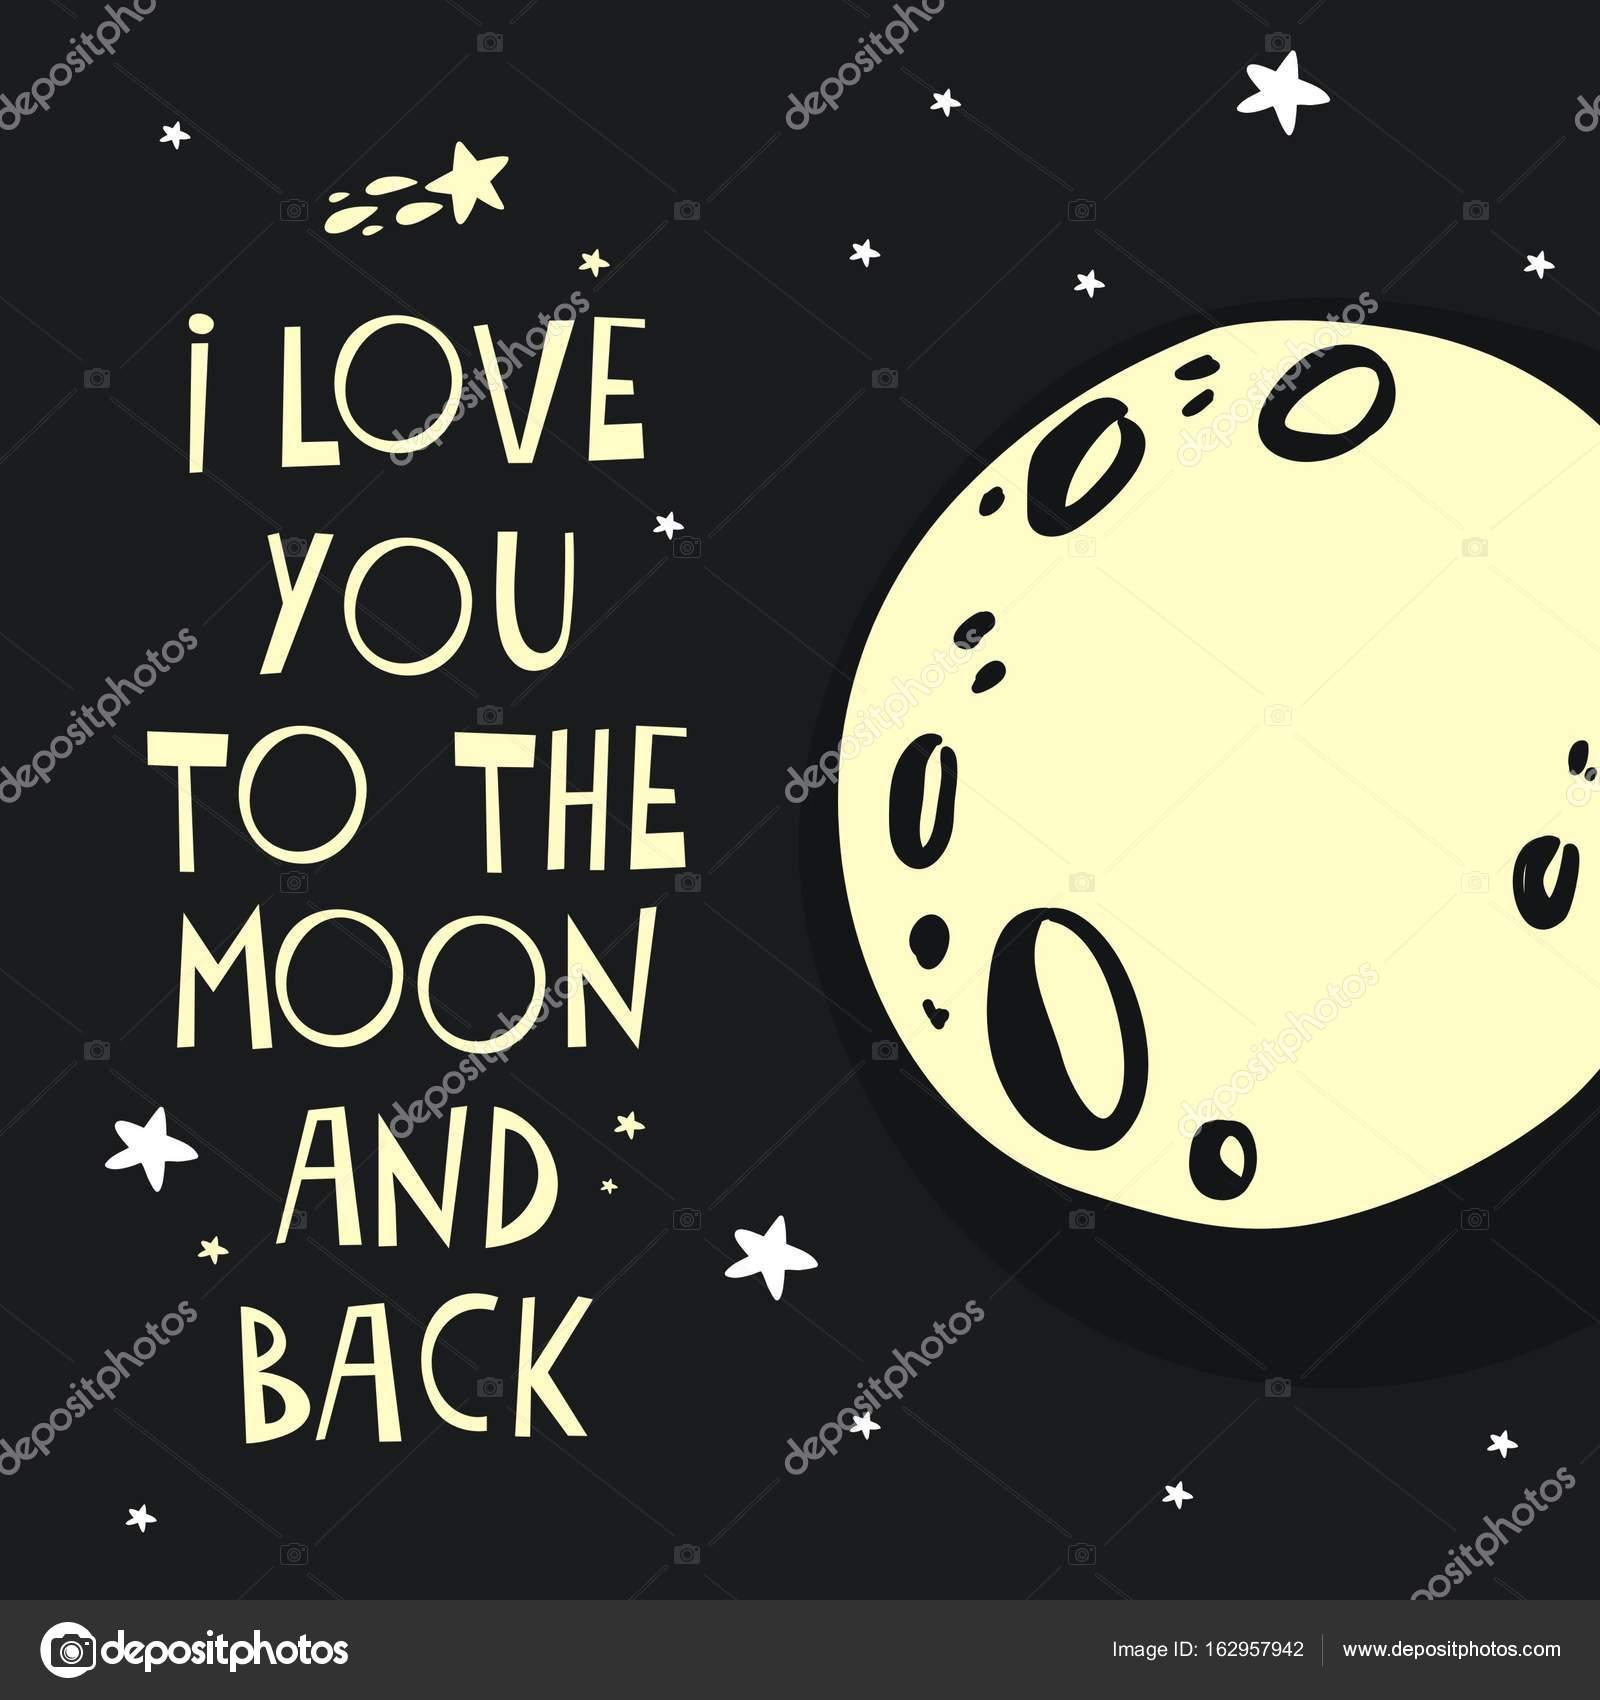 Außergewöhnlich Ich Liebe Dich Bis Zum Mond Foto Von Und Zurück Schriftzug — Stockvektor